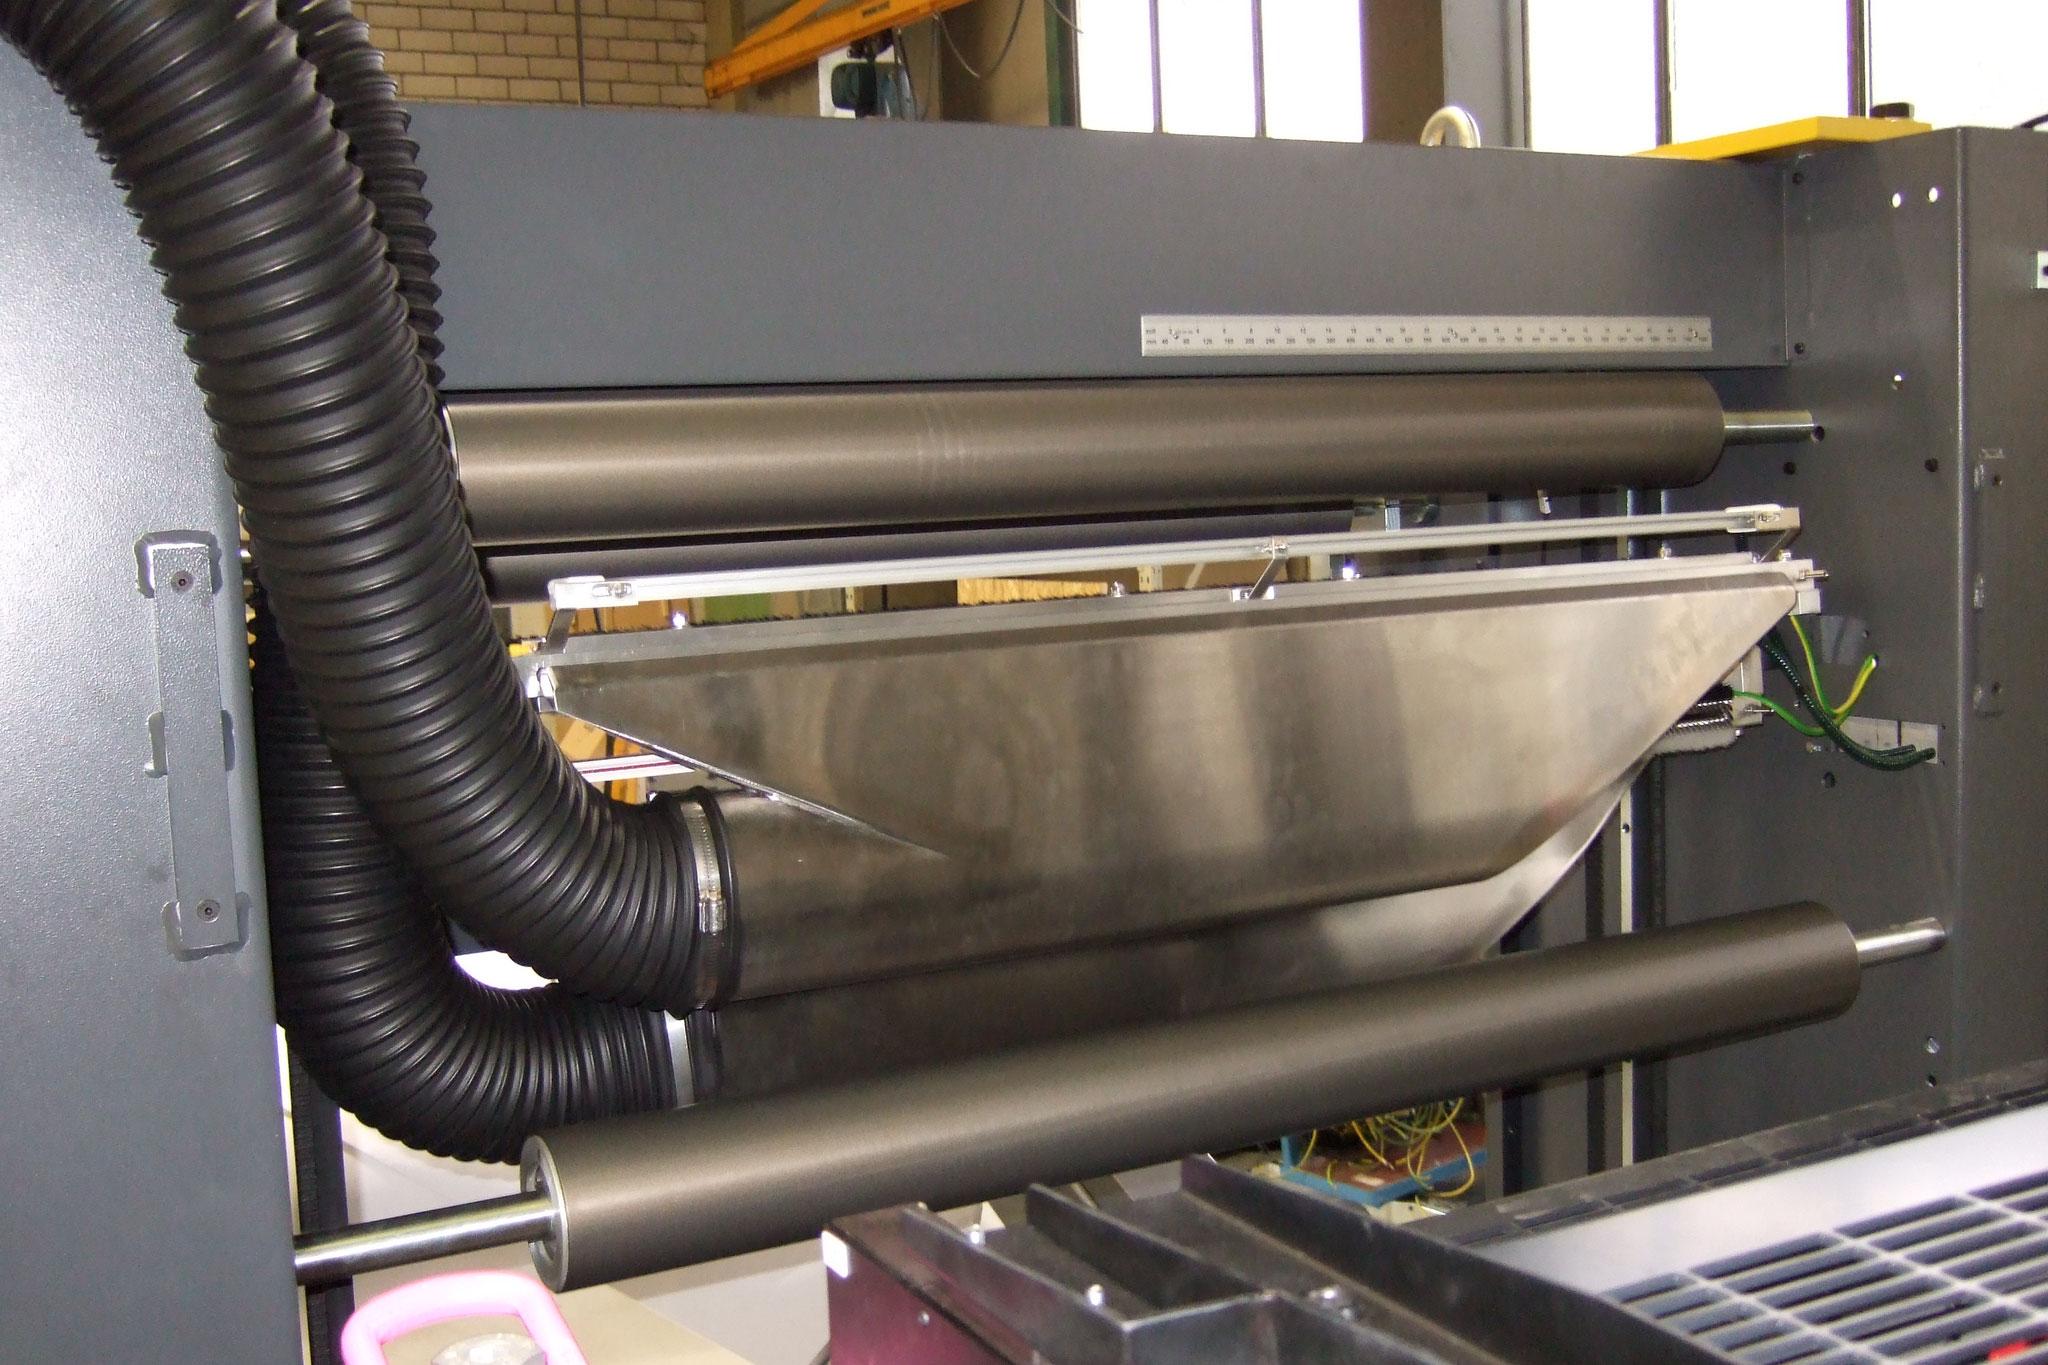 Bielomatik Cutstar 1050 mm